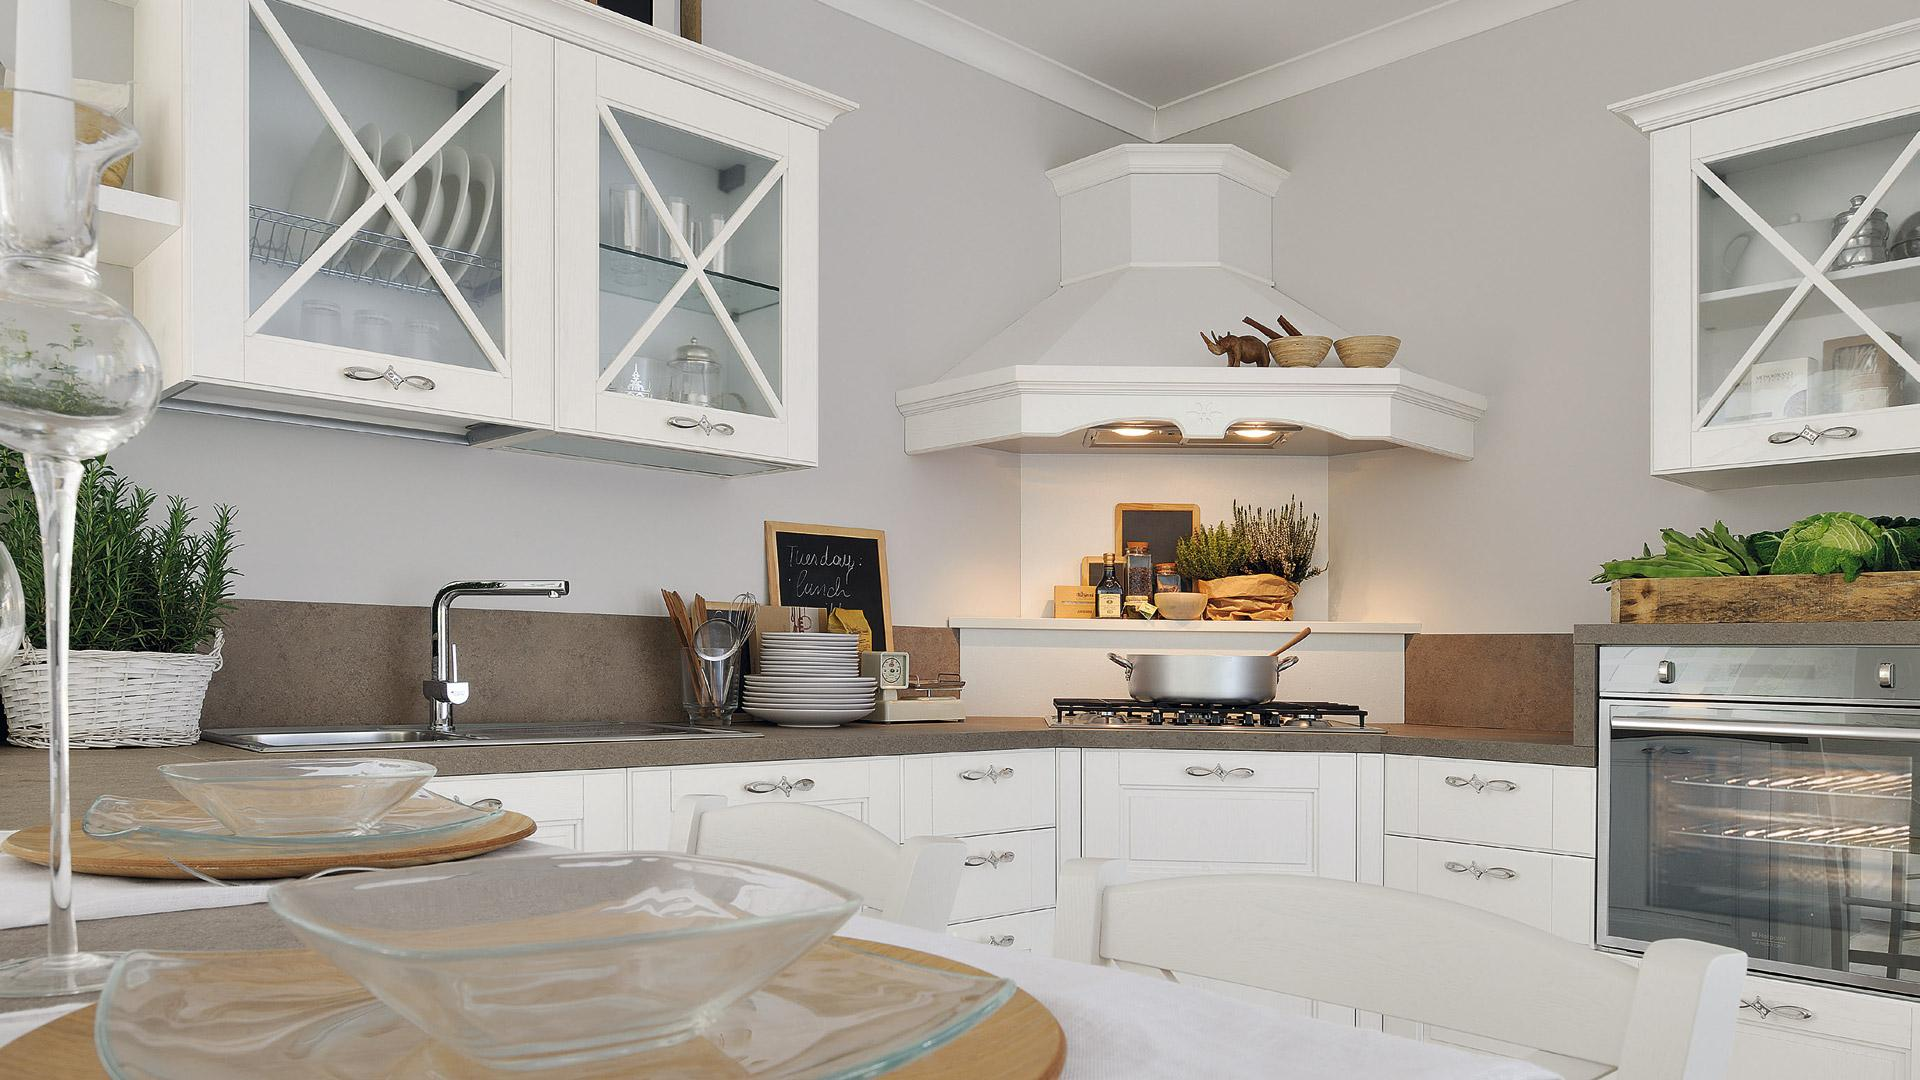 Rizzo arreda lube arredamenti paderno dugnano cucine - Cucina lube agnese ...